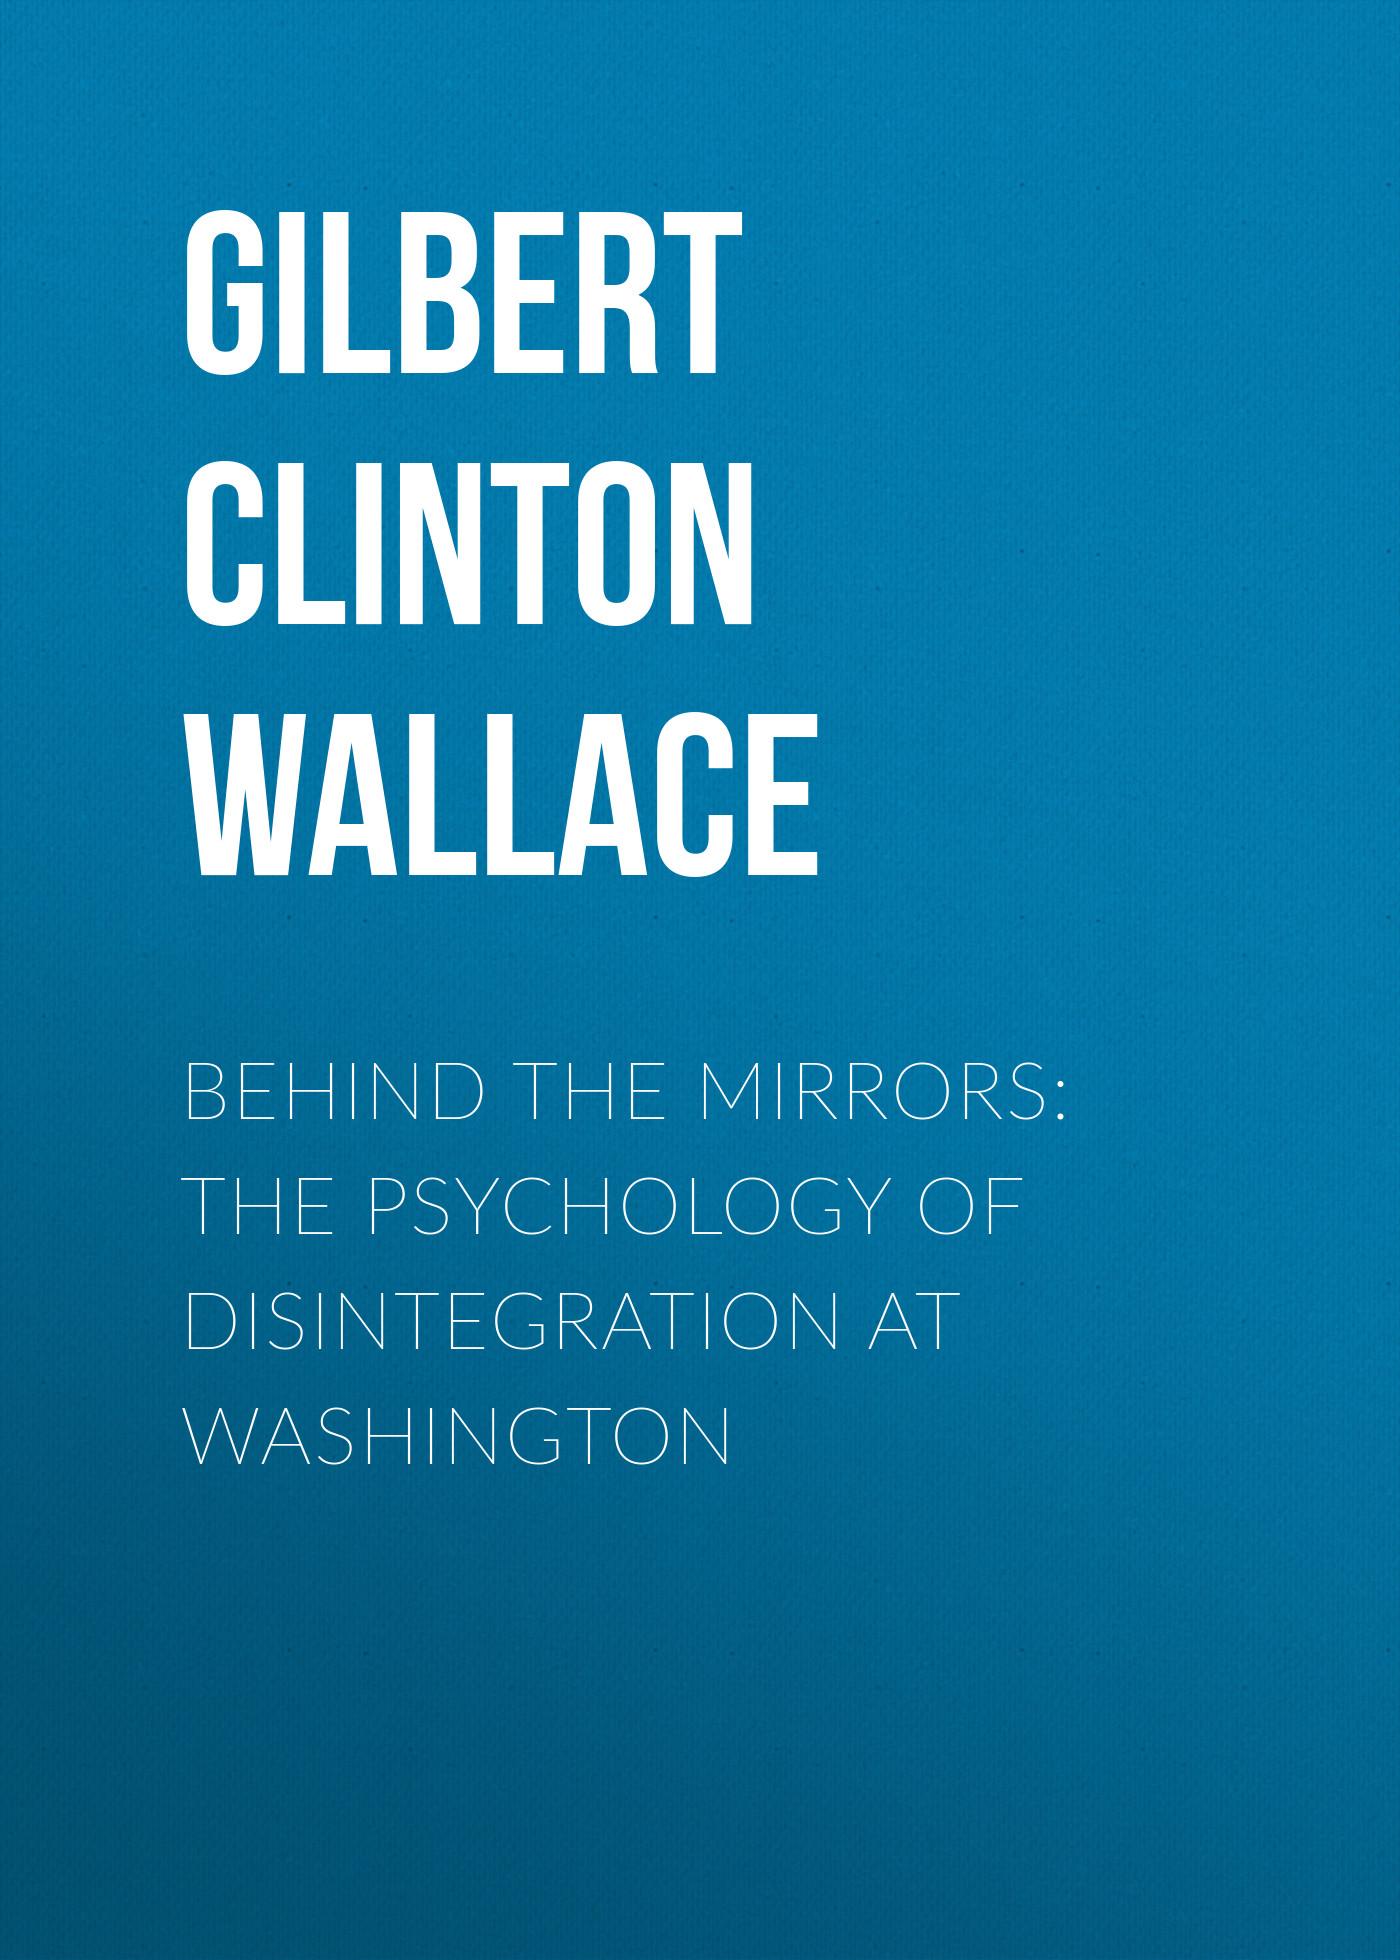 Gilbert Clinton Wallace Behind the Mirrors: The Psychology of Disintegration at Washington